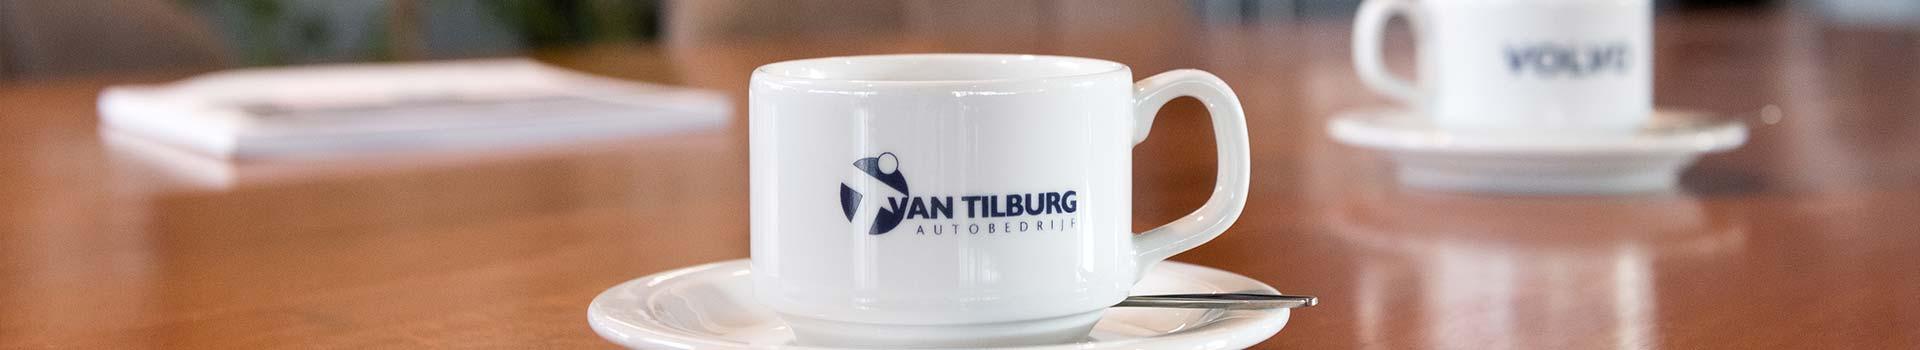 Contact Volvo Dealer Deurne Auto van Tilburg